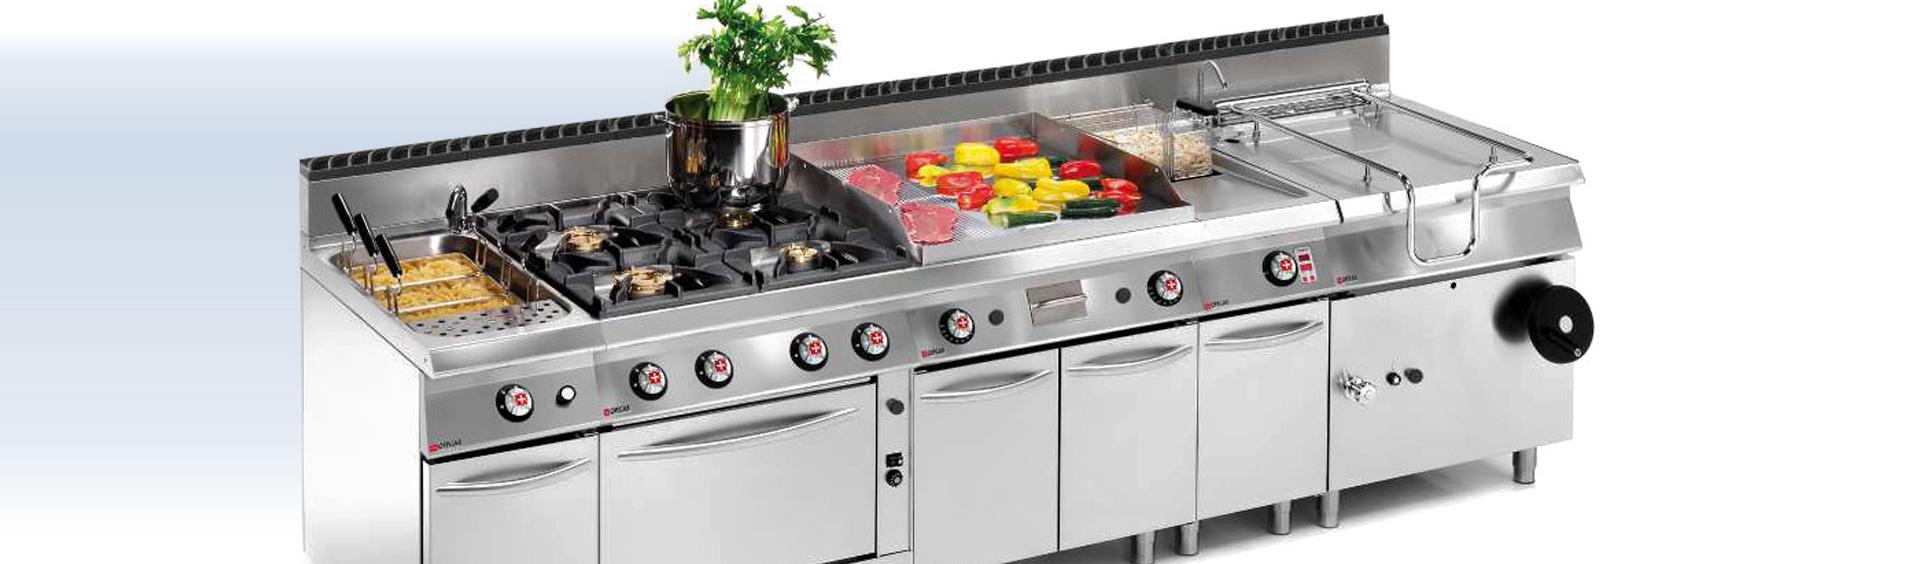 Cucine Per Ristoranti Usate Prezzi.Attrezzature Ed Arredamenti Per Alberghi Il Sito Ogni Giorno